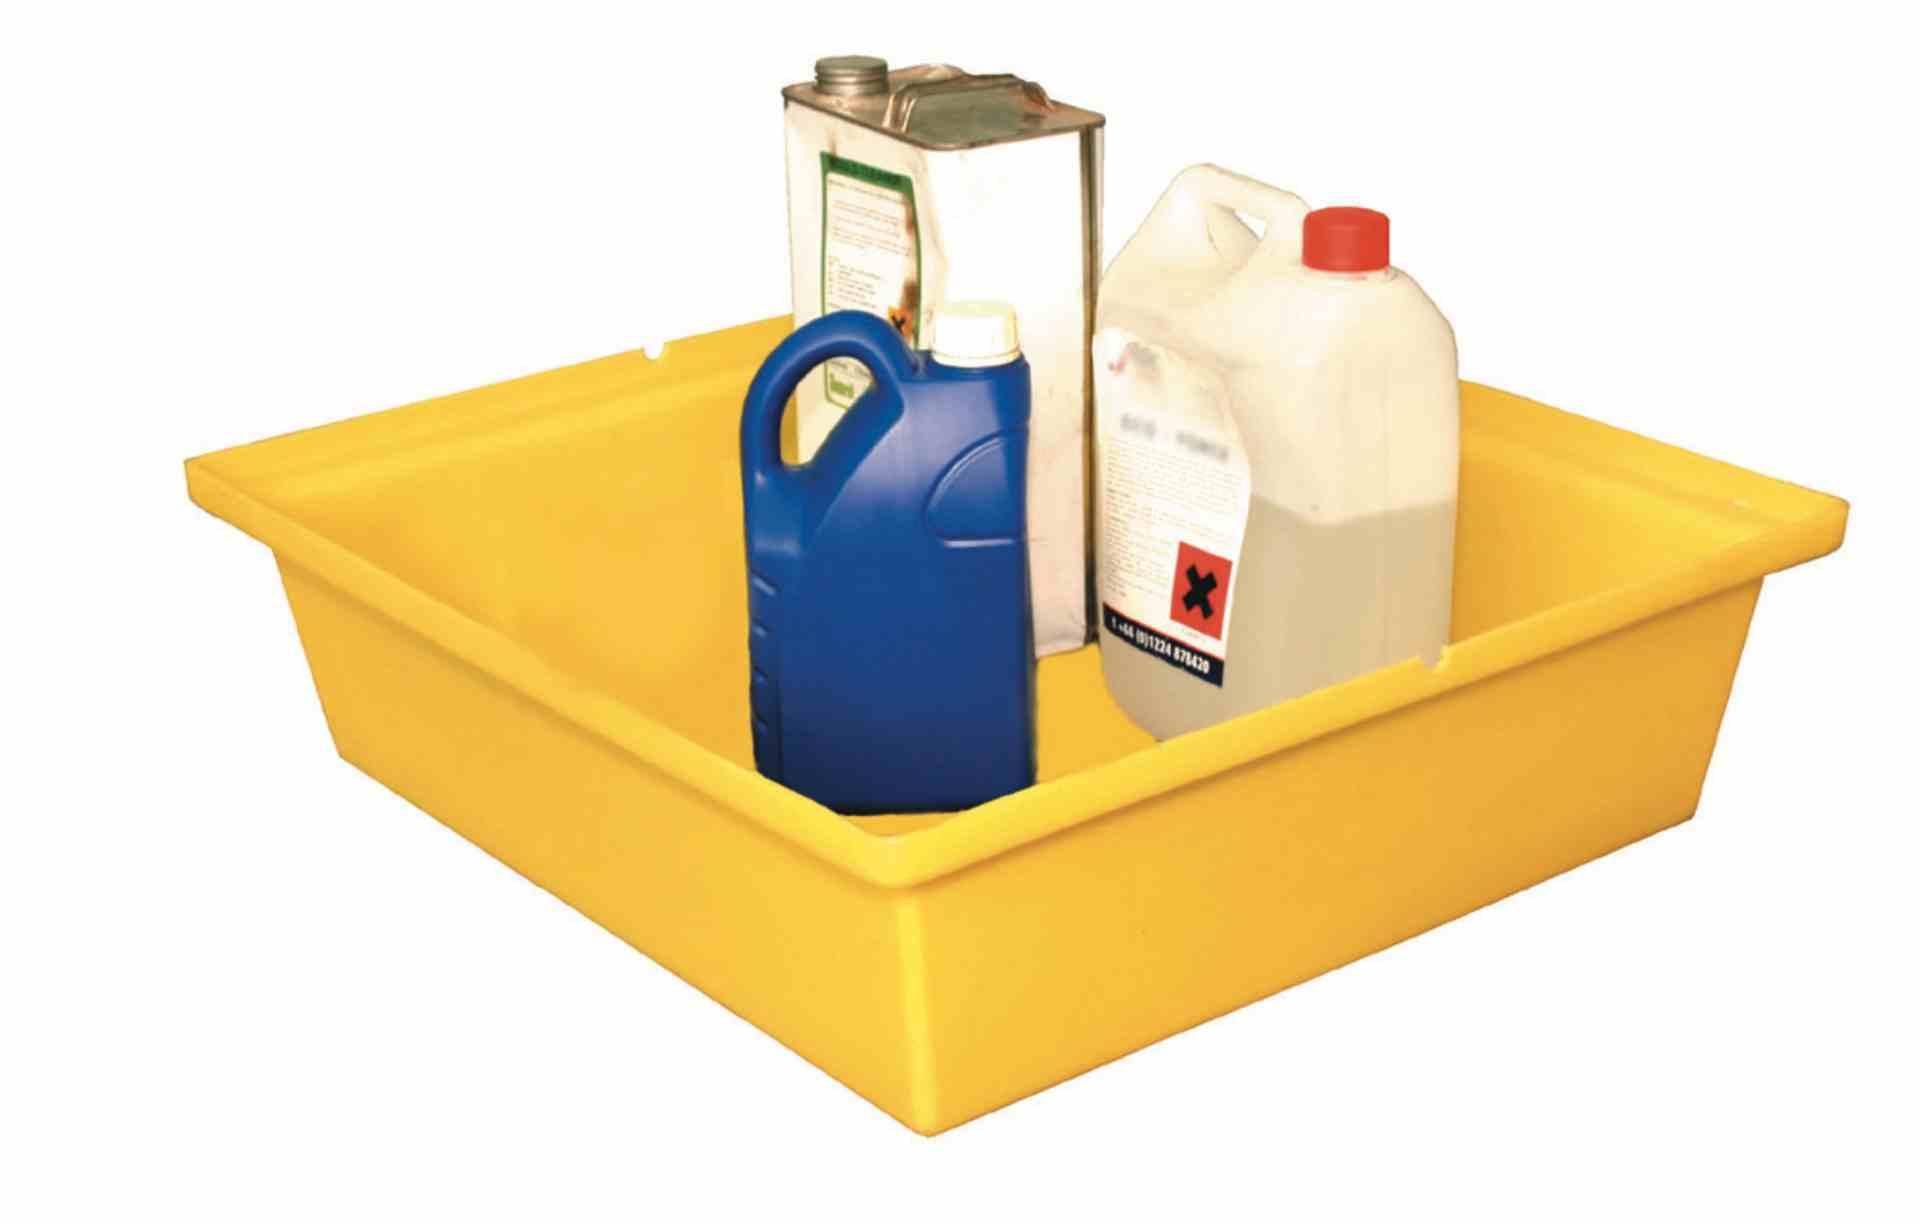 Wanna wychwytowa polietylenowa, bez kratownicy pod małe pojemniki, 45 l, kolor żółty, 630 x 590 x 170 mm